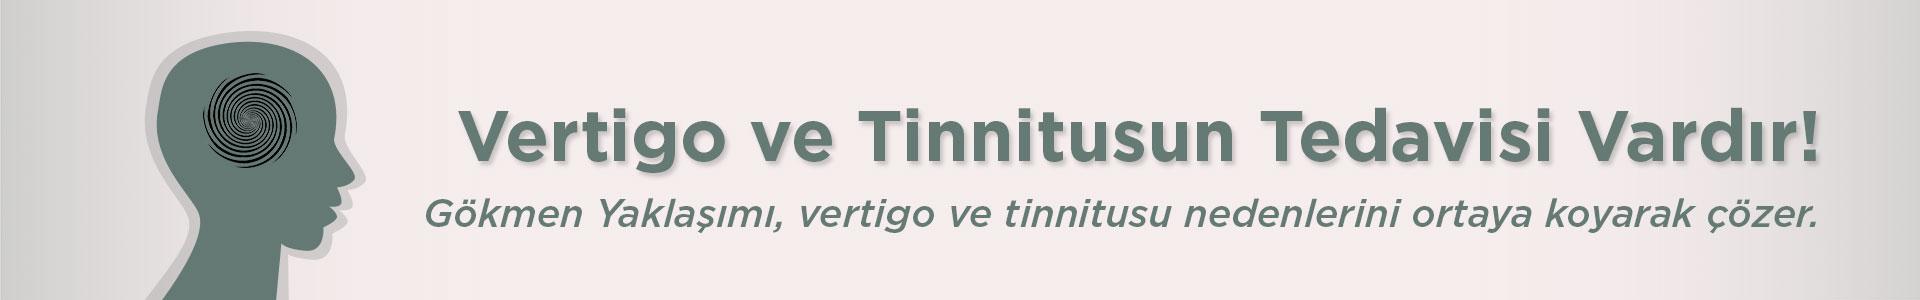 Vertigo ve tinnitusun tedavisi vardır. Gökmen Yaklaşımı vertigo ve tinnitusu nedenlerini ortaya koyarak çözer